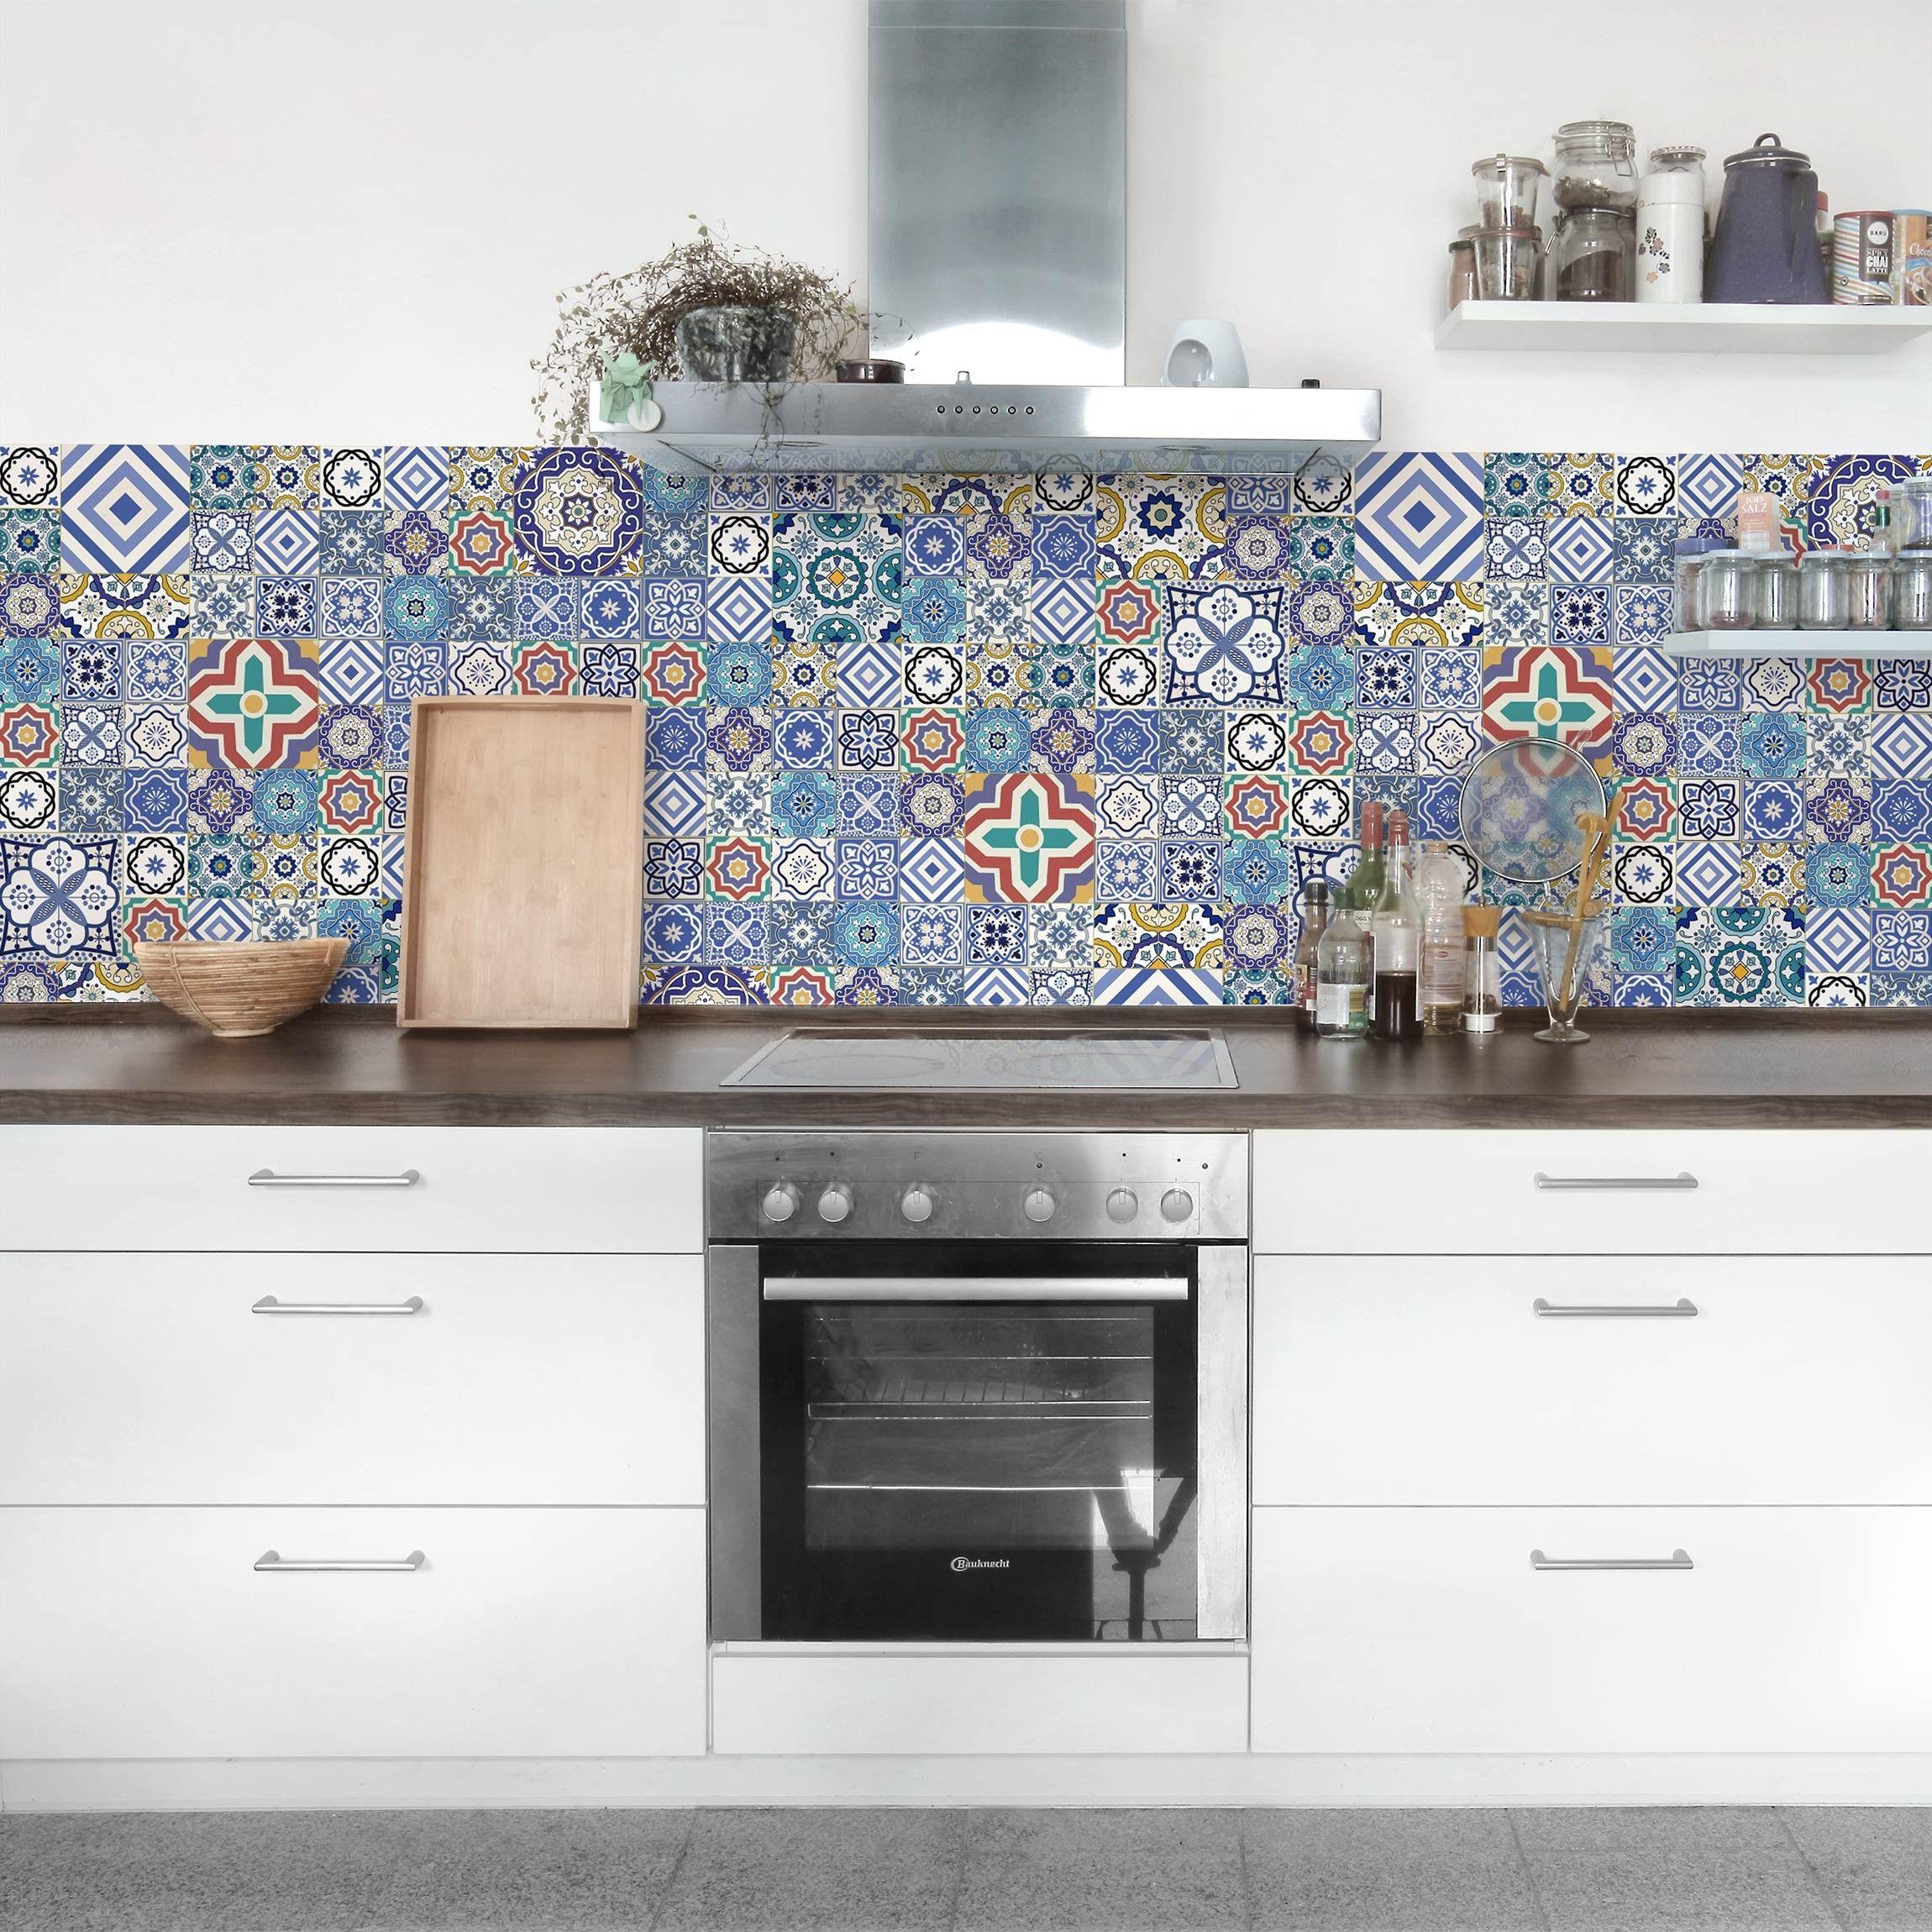 Deine Küche braucht einen neuen Look? Dann sind Klebefolie eine